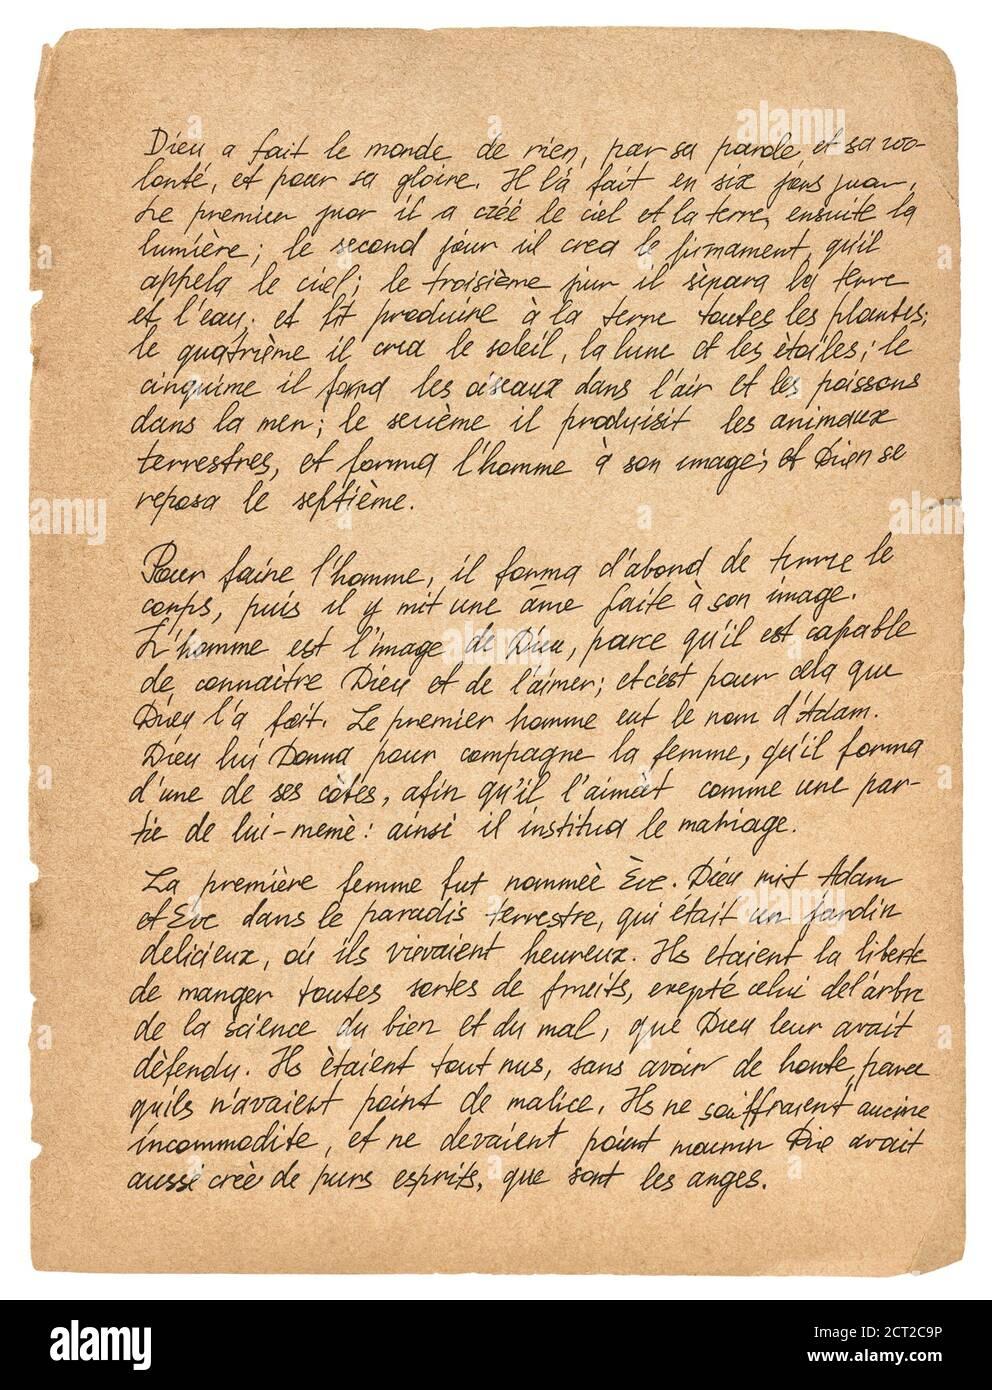 Arrière-plan de texture de papier ancien avec texte manuscrit. Écriture manuscrite. Calligraphie. Lettre Banque D'Images